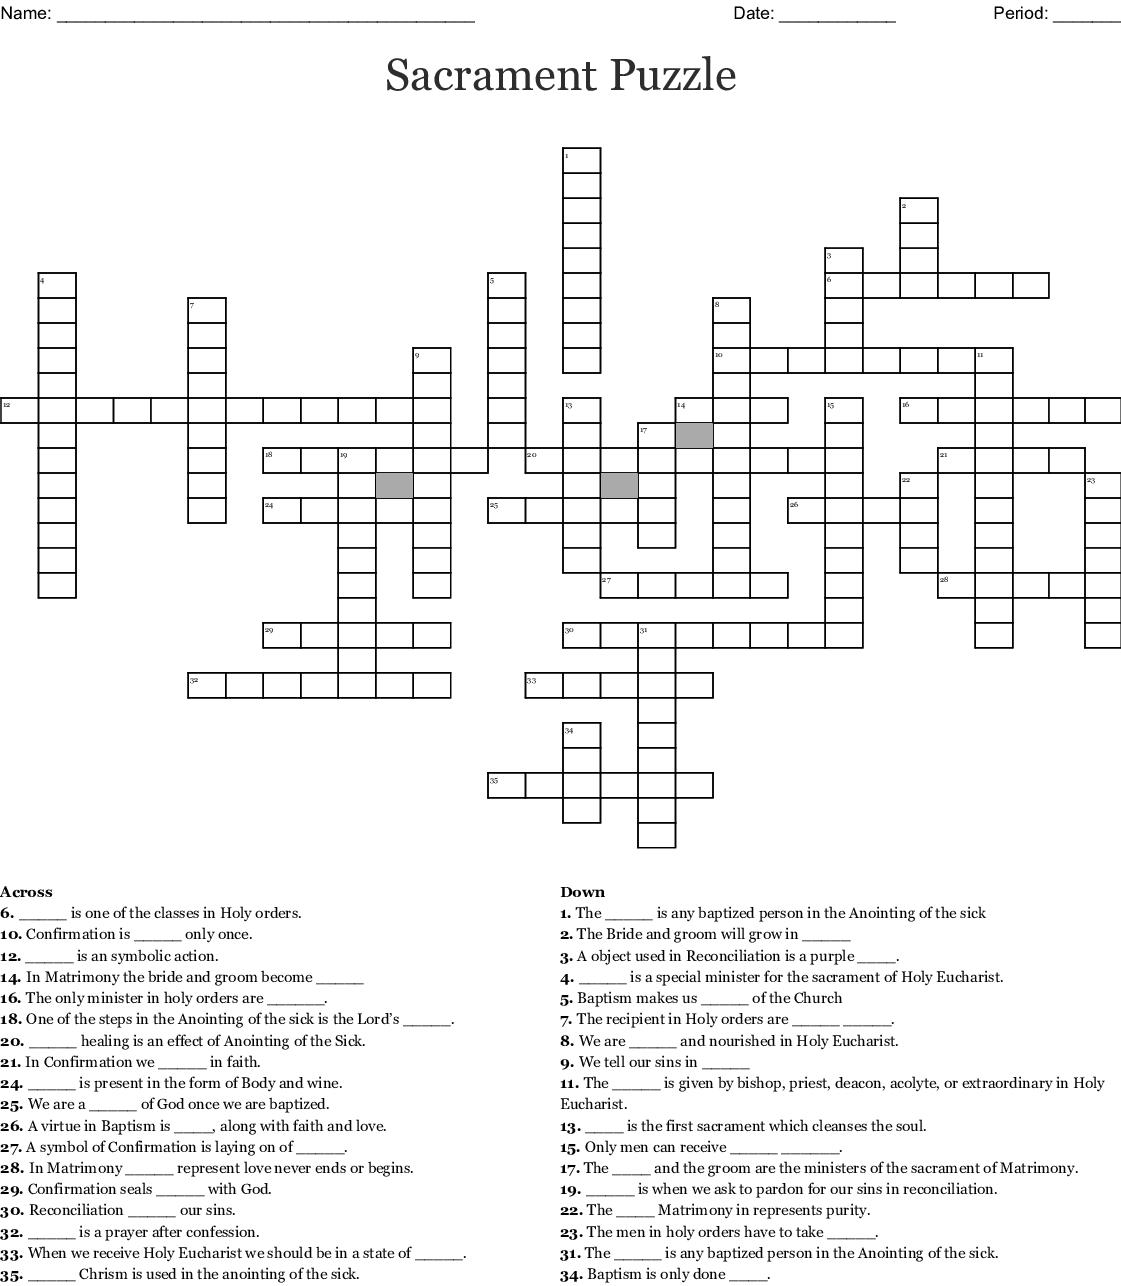 The Seven Sacraments Crossword